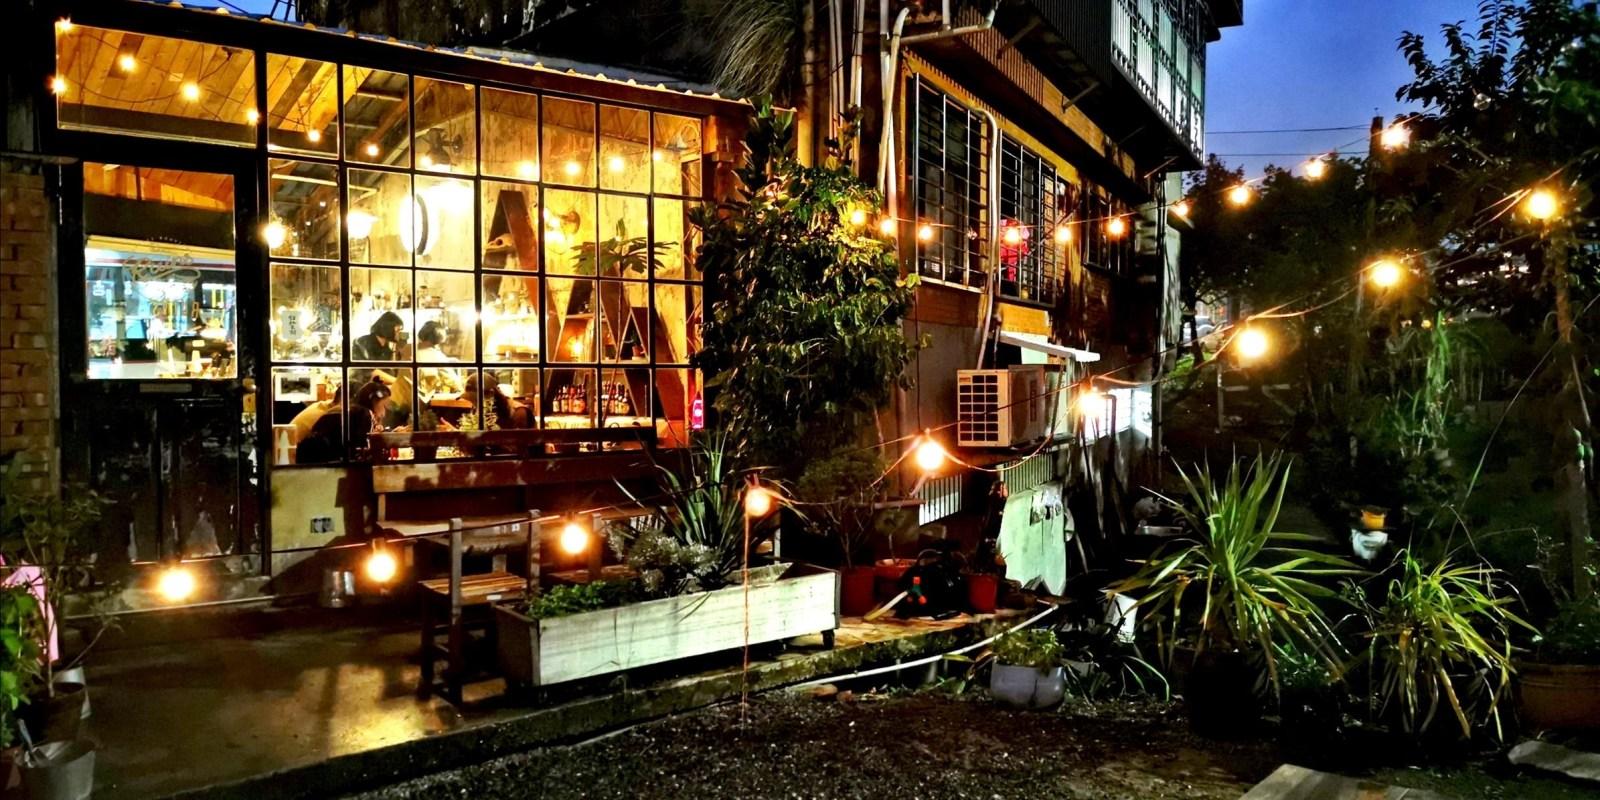 【小廢墟 Ruins Coffee Roasters】文山區。在廢棄倉庫喝咖啡,木柵景美溪畔不限時咖啡館